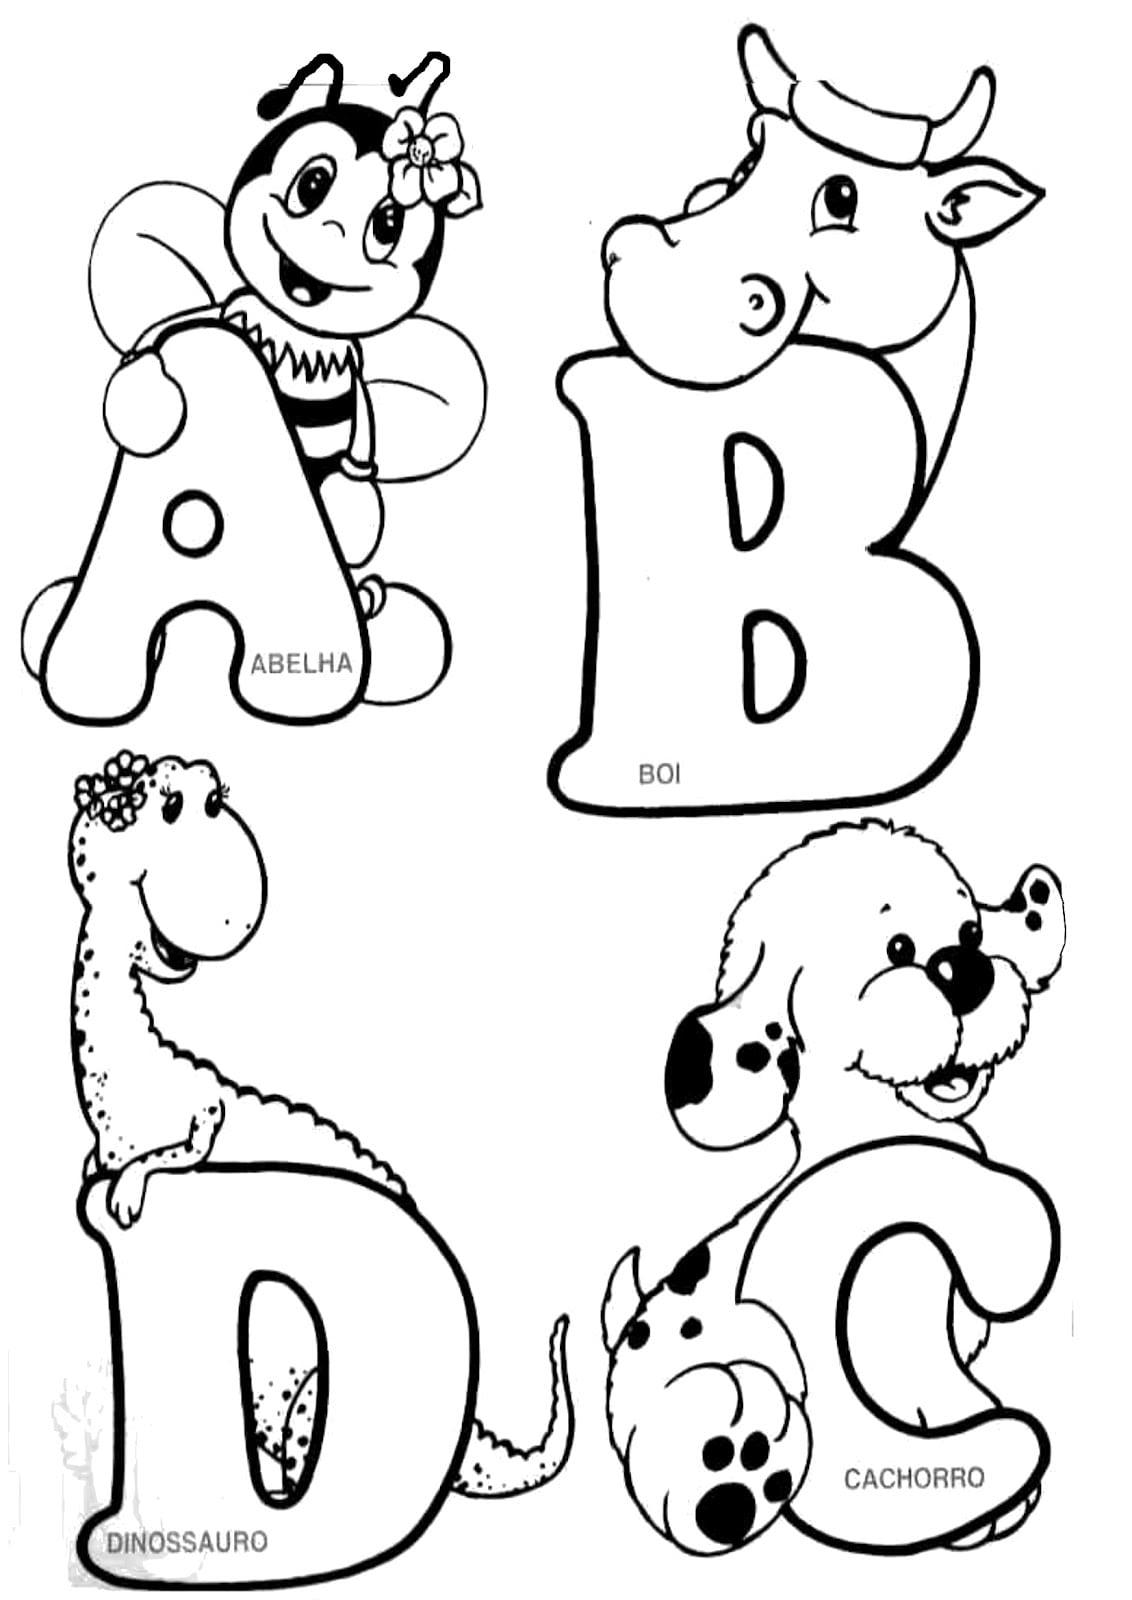 Letra Do Alfabeto Para Colorir